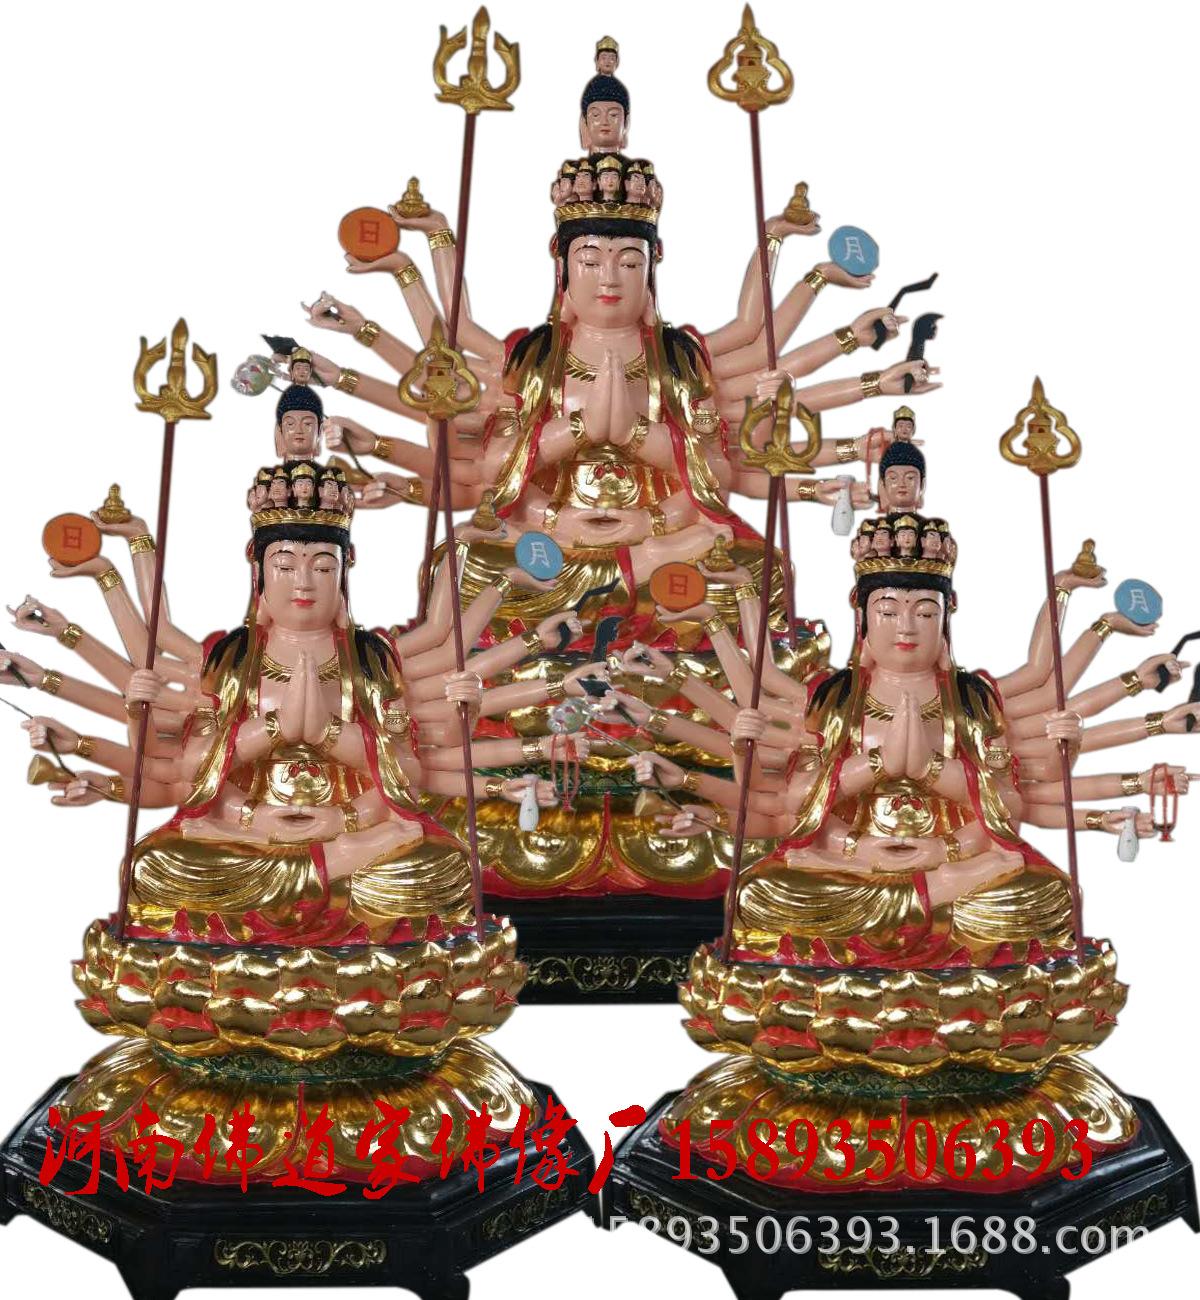 魏征真人像1.3米 唐太宗雕塑 专业订制玻璃钢木雕佛像示例图9